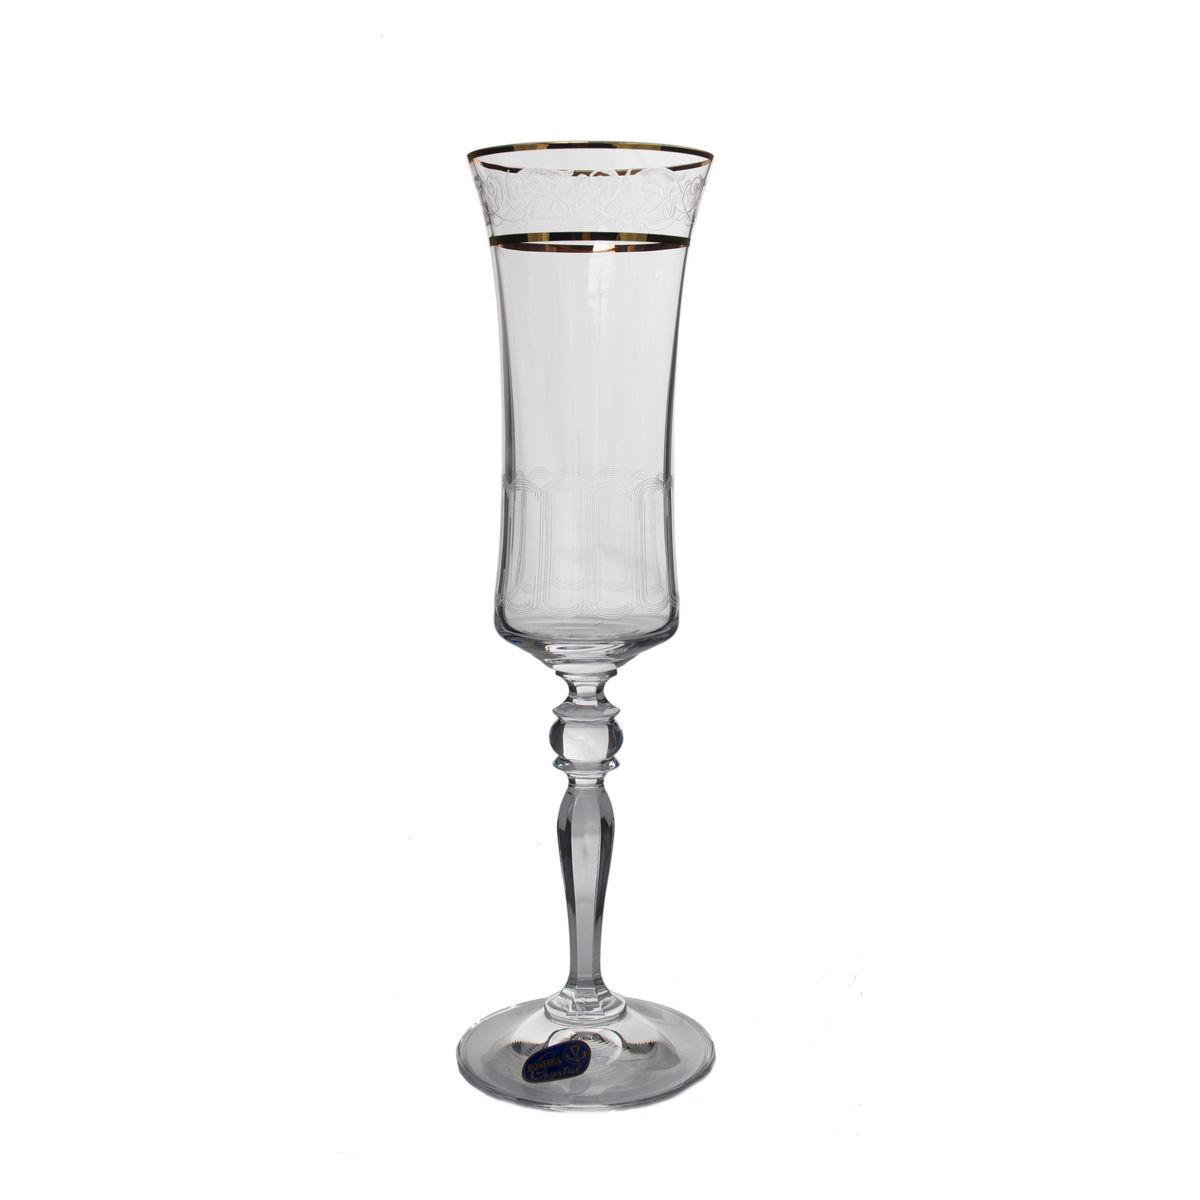 GRACE Set 6 pahare cristalin decor aur sampanie 190 ml